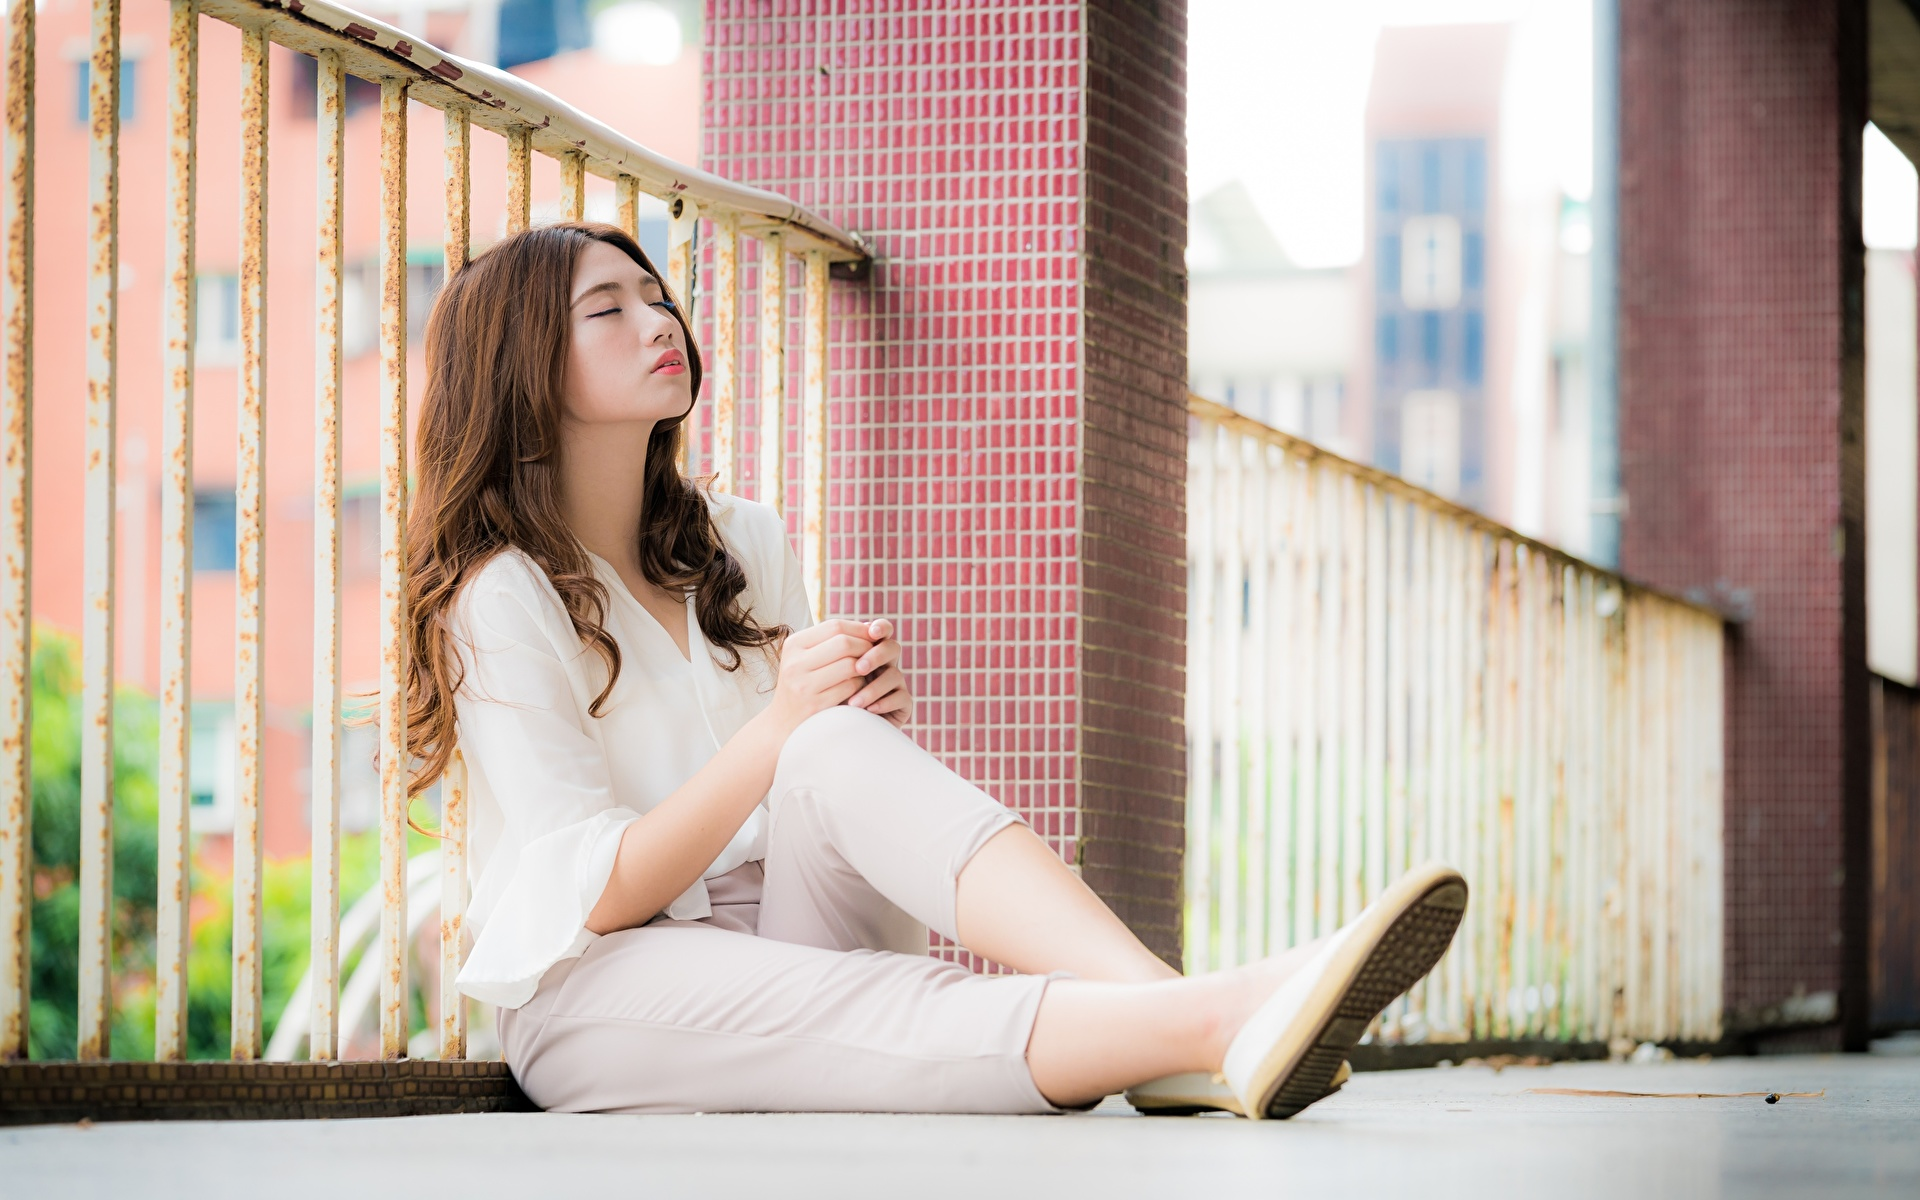 Desktop Hintergrundbilder Braunhaarige unscharfer Hintergrund junge frau Bein Zaun asiatisches sitzen 1920x1200 Braune Haare Bokeh Mädchens junge Frauen Asiaten Asiatische sitzt Sitzend